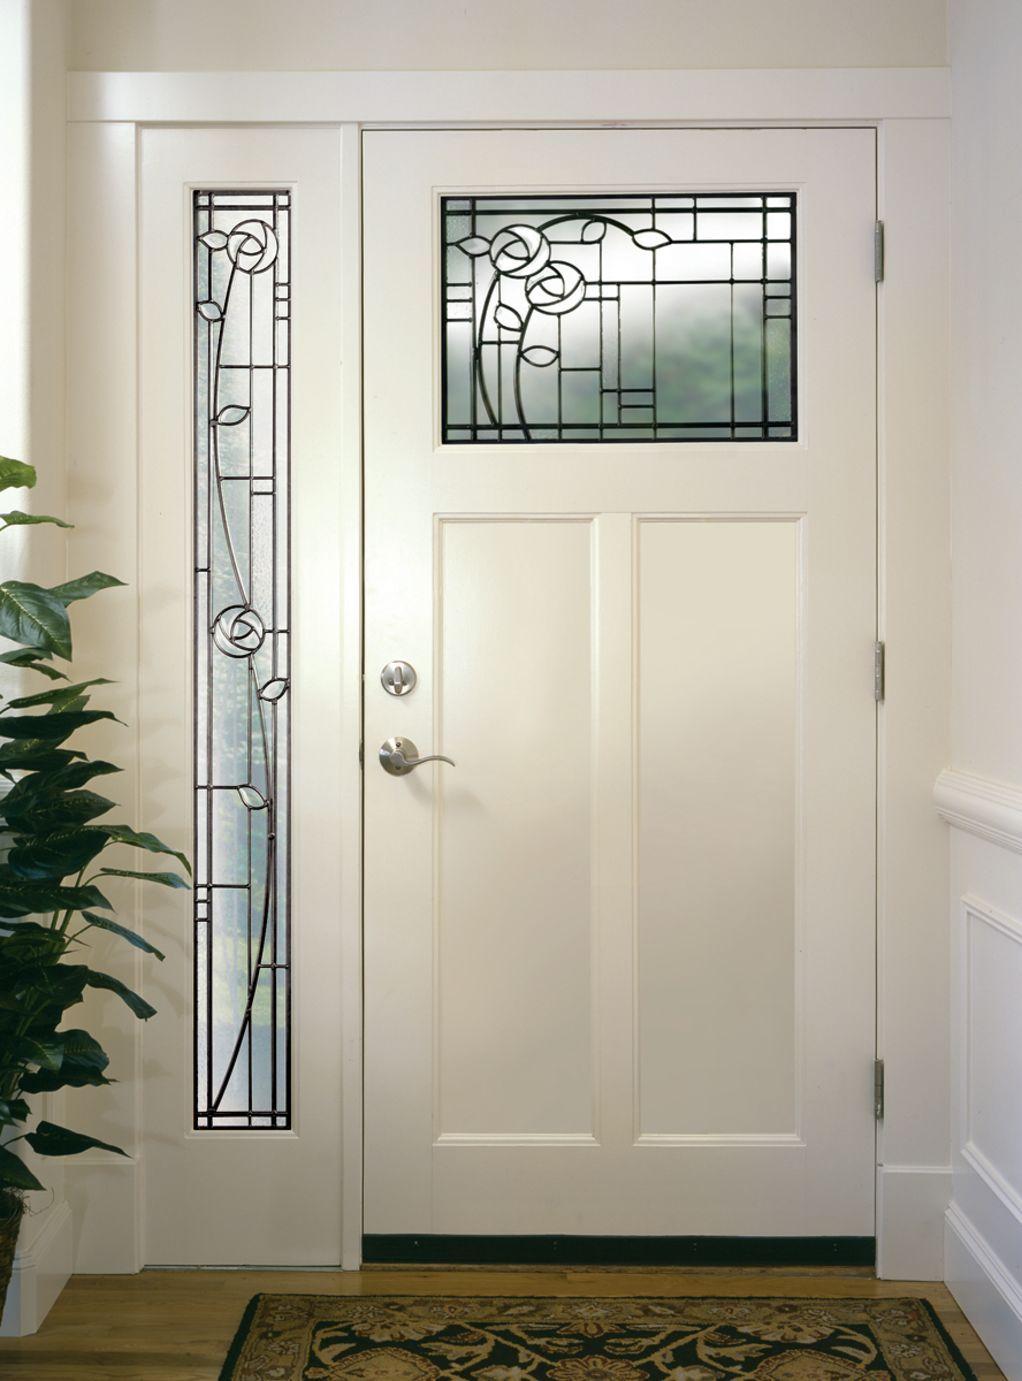 Windows Doors On The Inside Exterior Doors With Glass Craftsman Front Doors Stained Glass Door